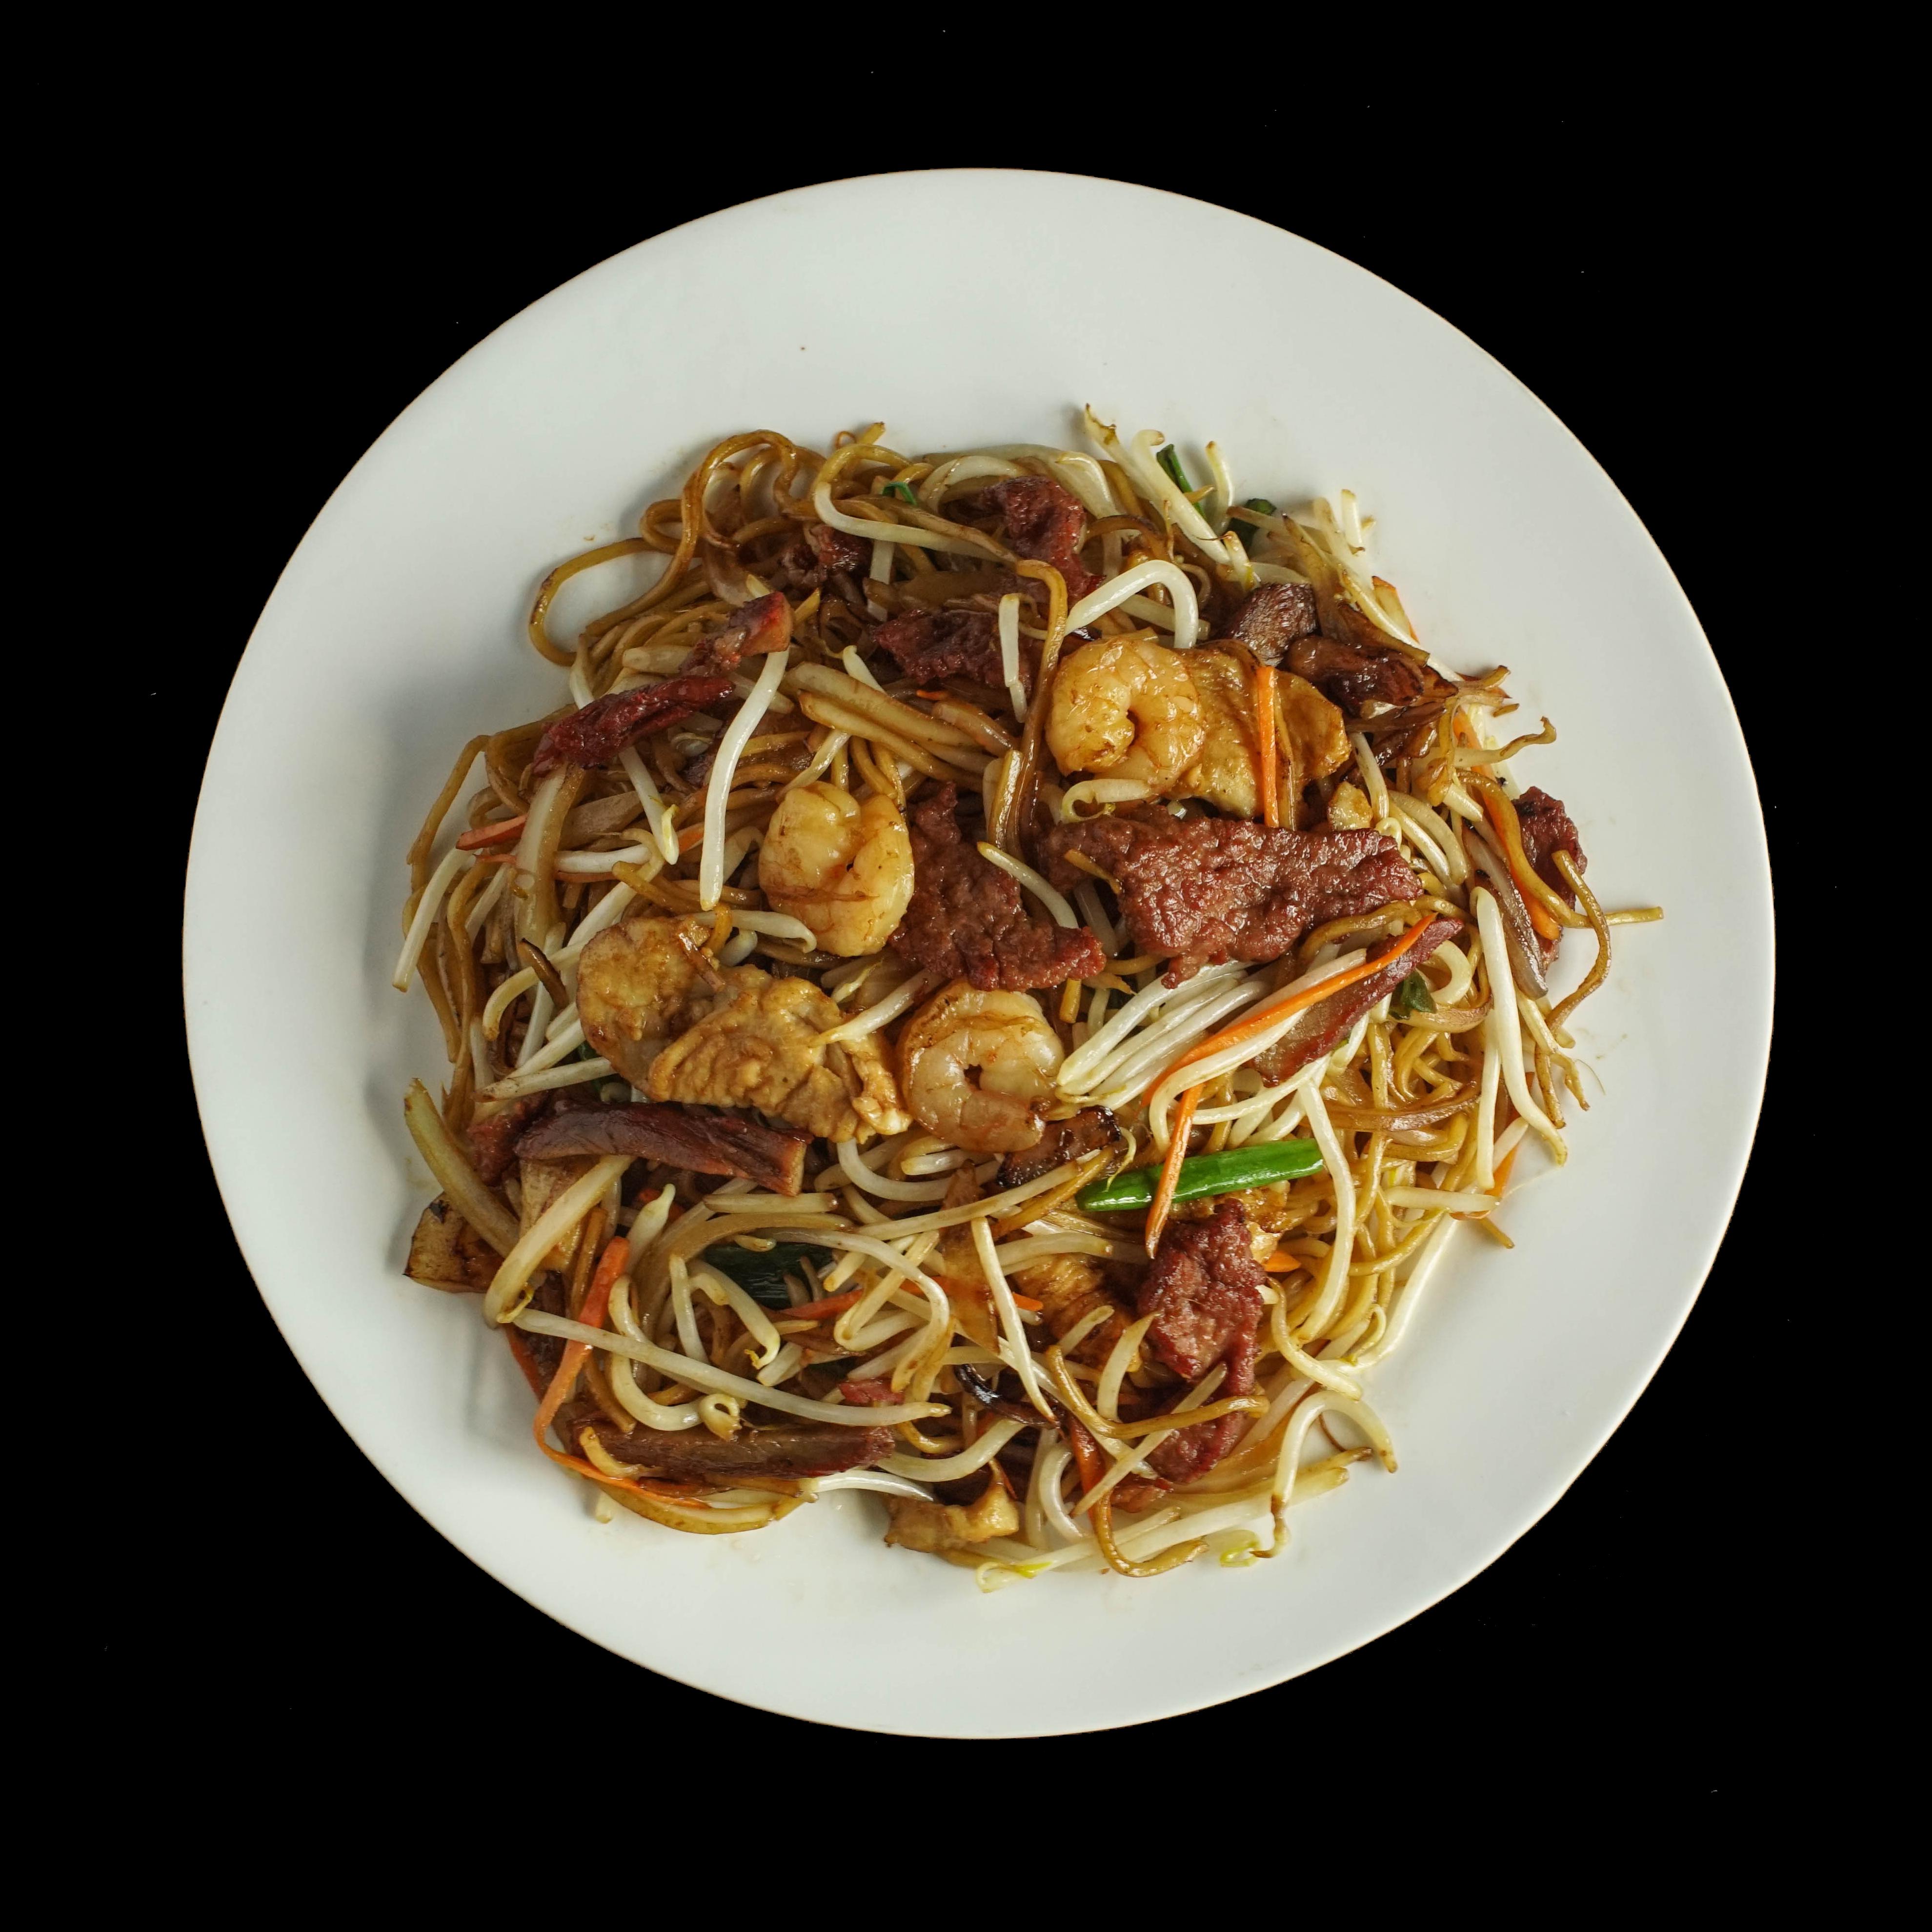 108. 招牌粗面 House Special Combination Thick Egg Noodle Image